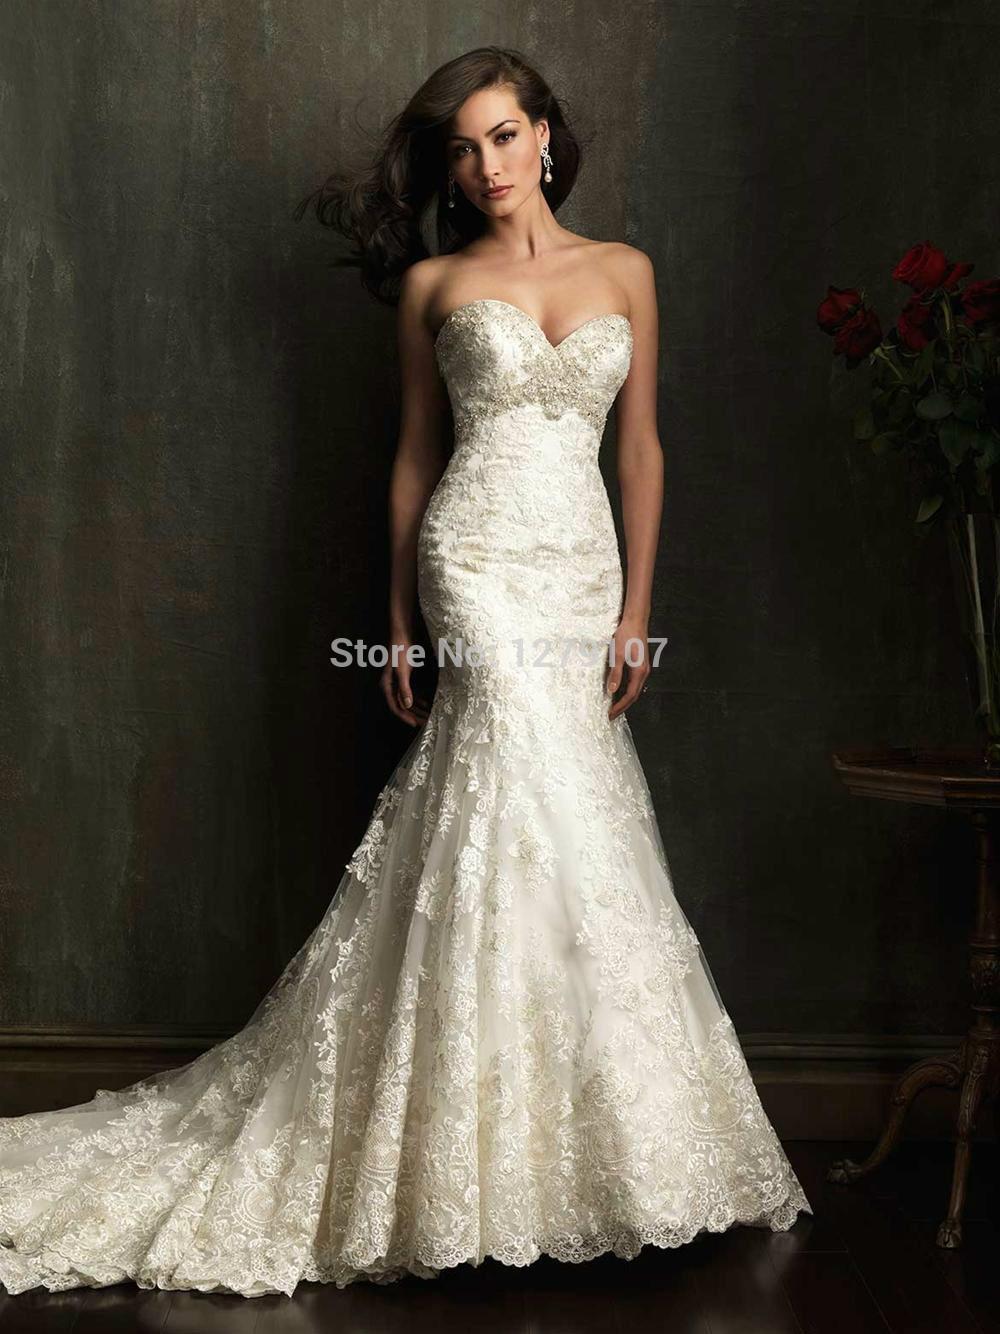 Innamorato di perline di cristallo lavorato a mano fune di traino cattedrale, abito da sposa in pizzo